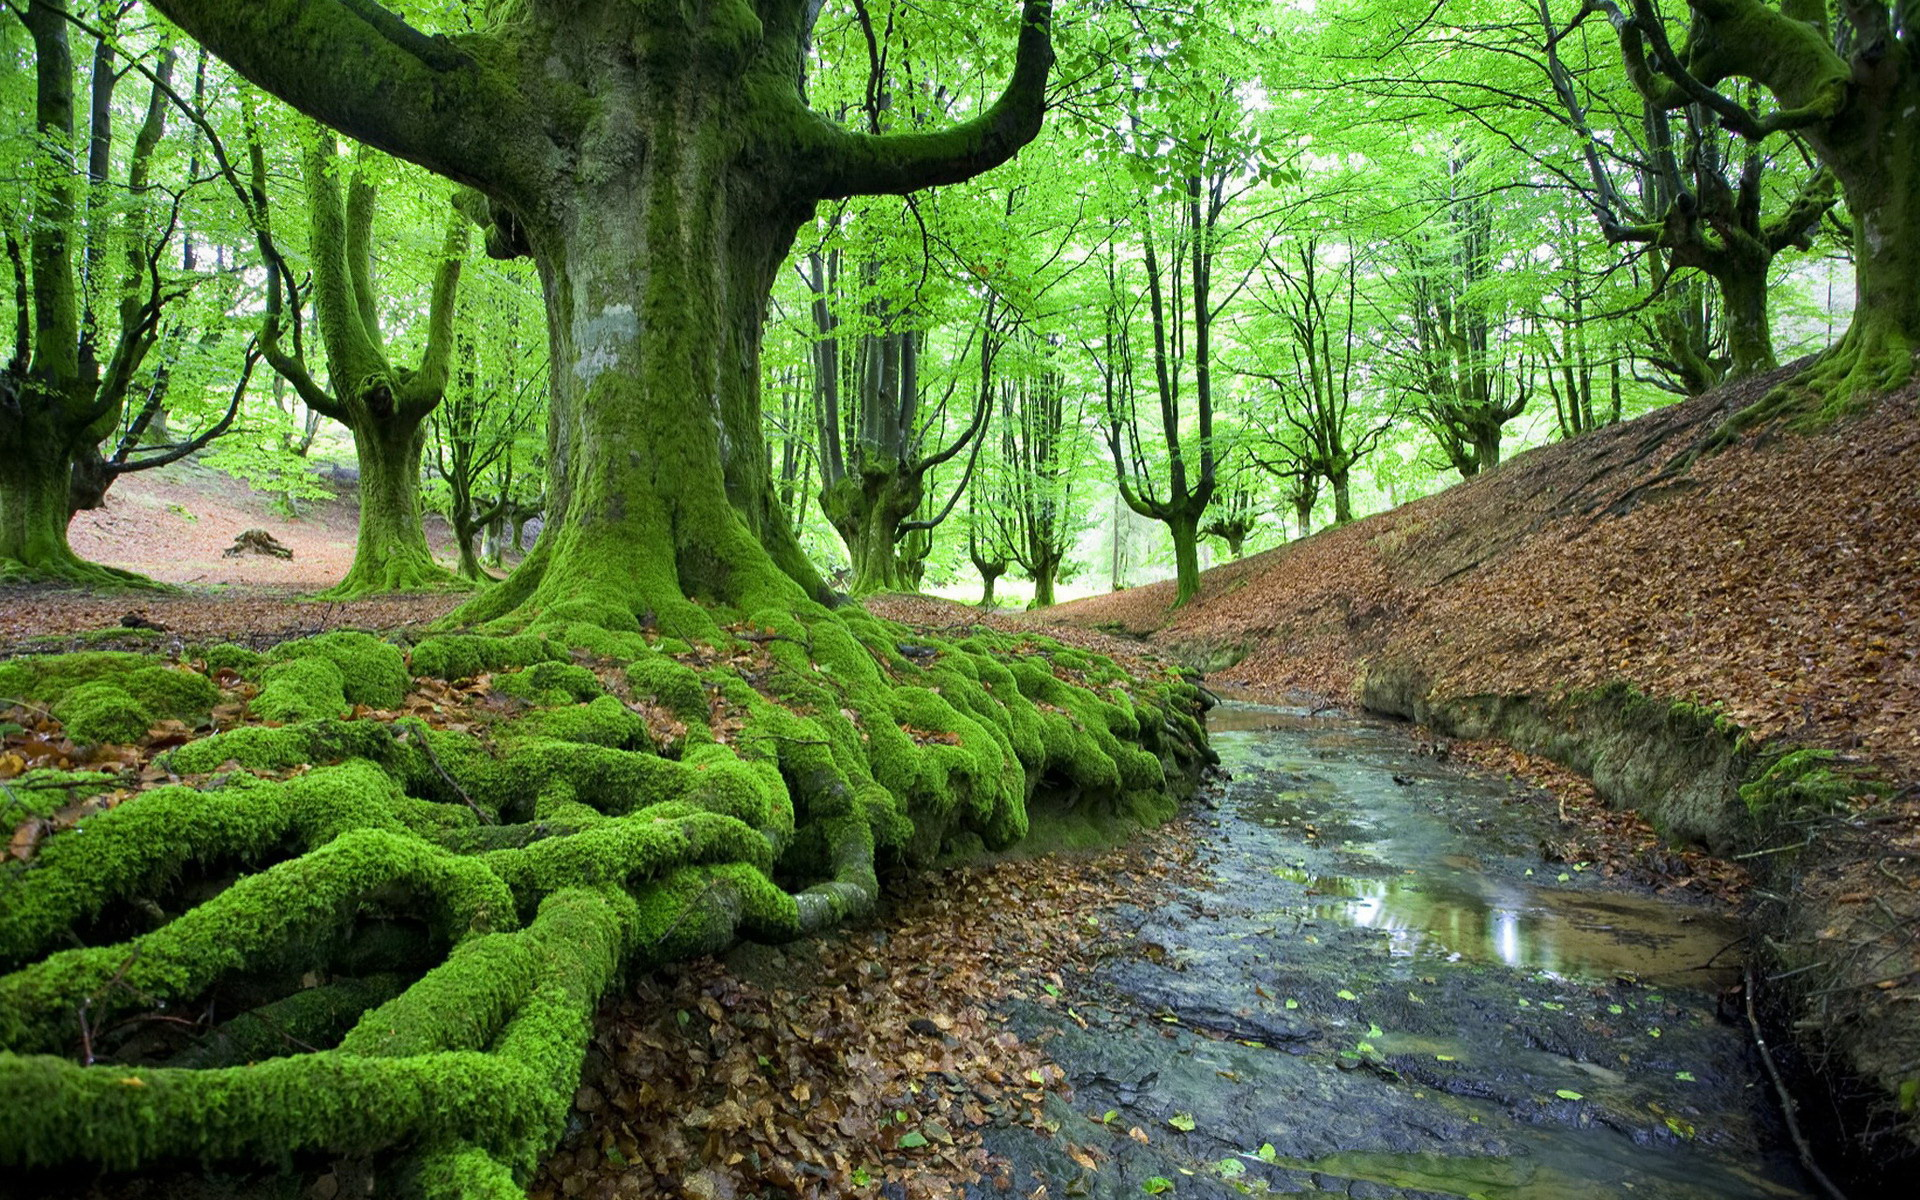 руче и деревья в мху в лесу, мох, дерево, скачать фото